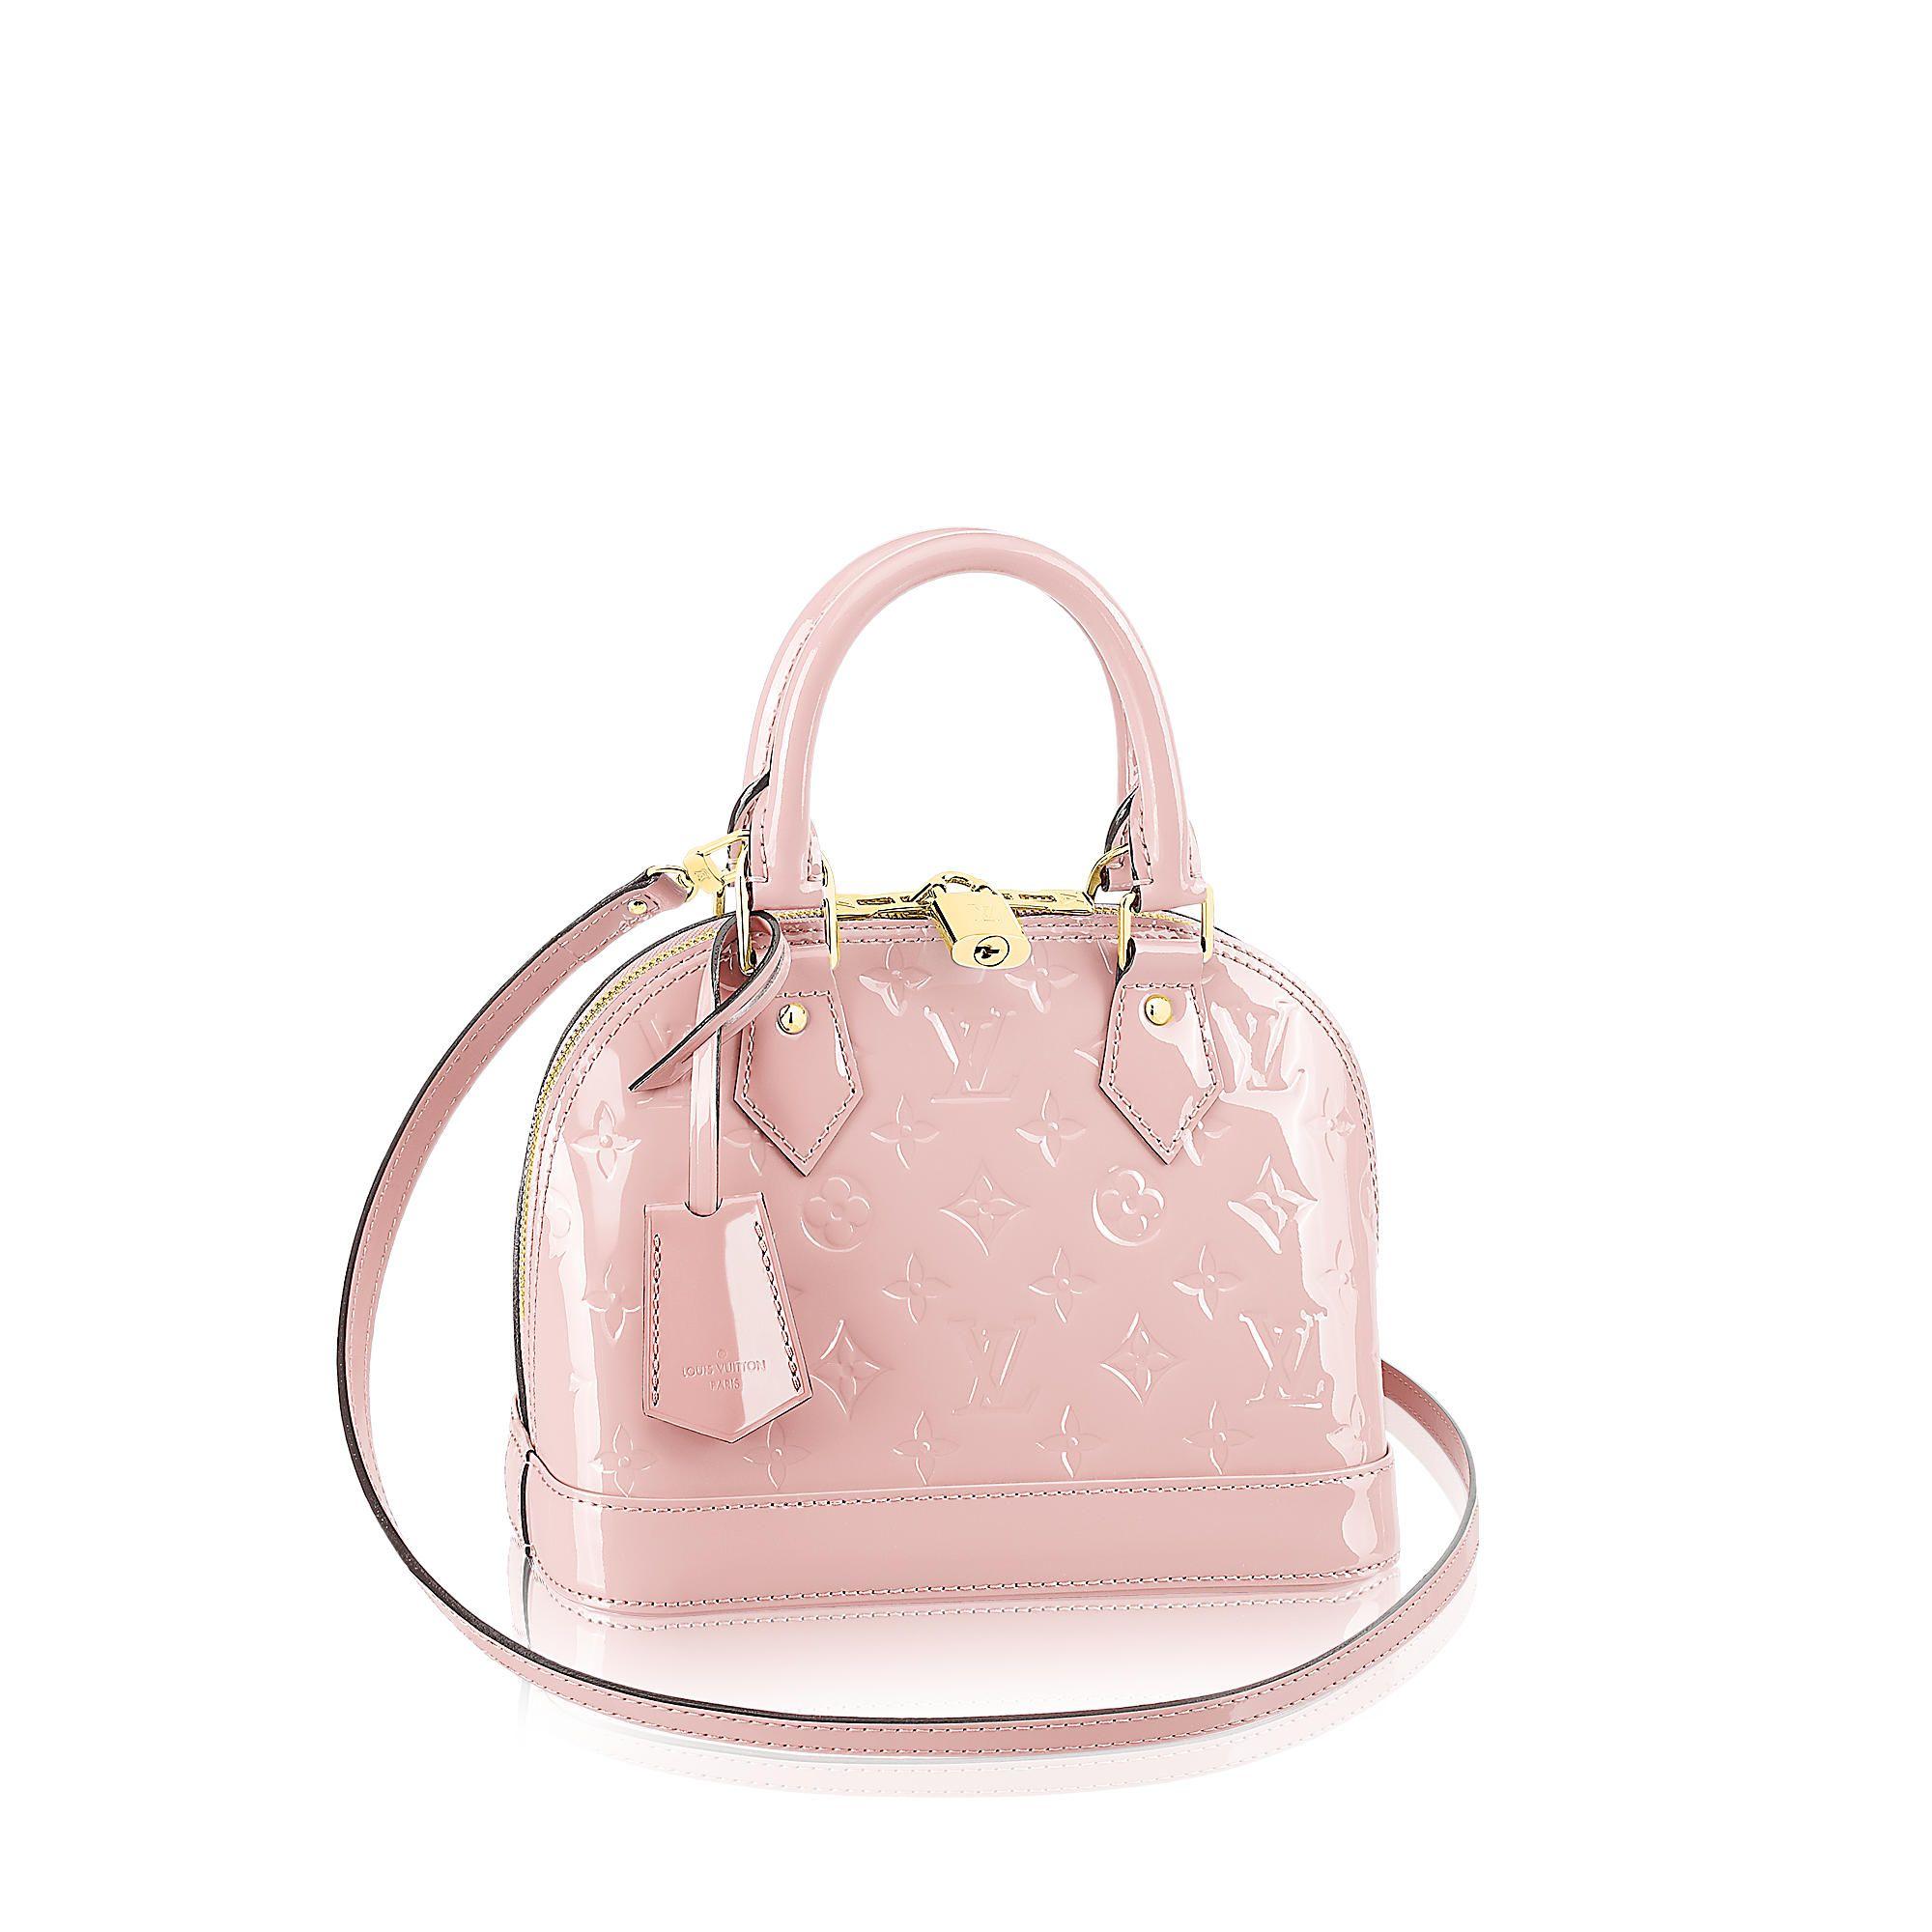 Discover Louis Vuitton Alma BB via Louis Vuitton 4a3bbadbecf7d